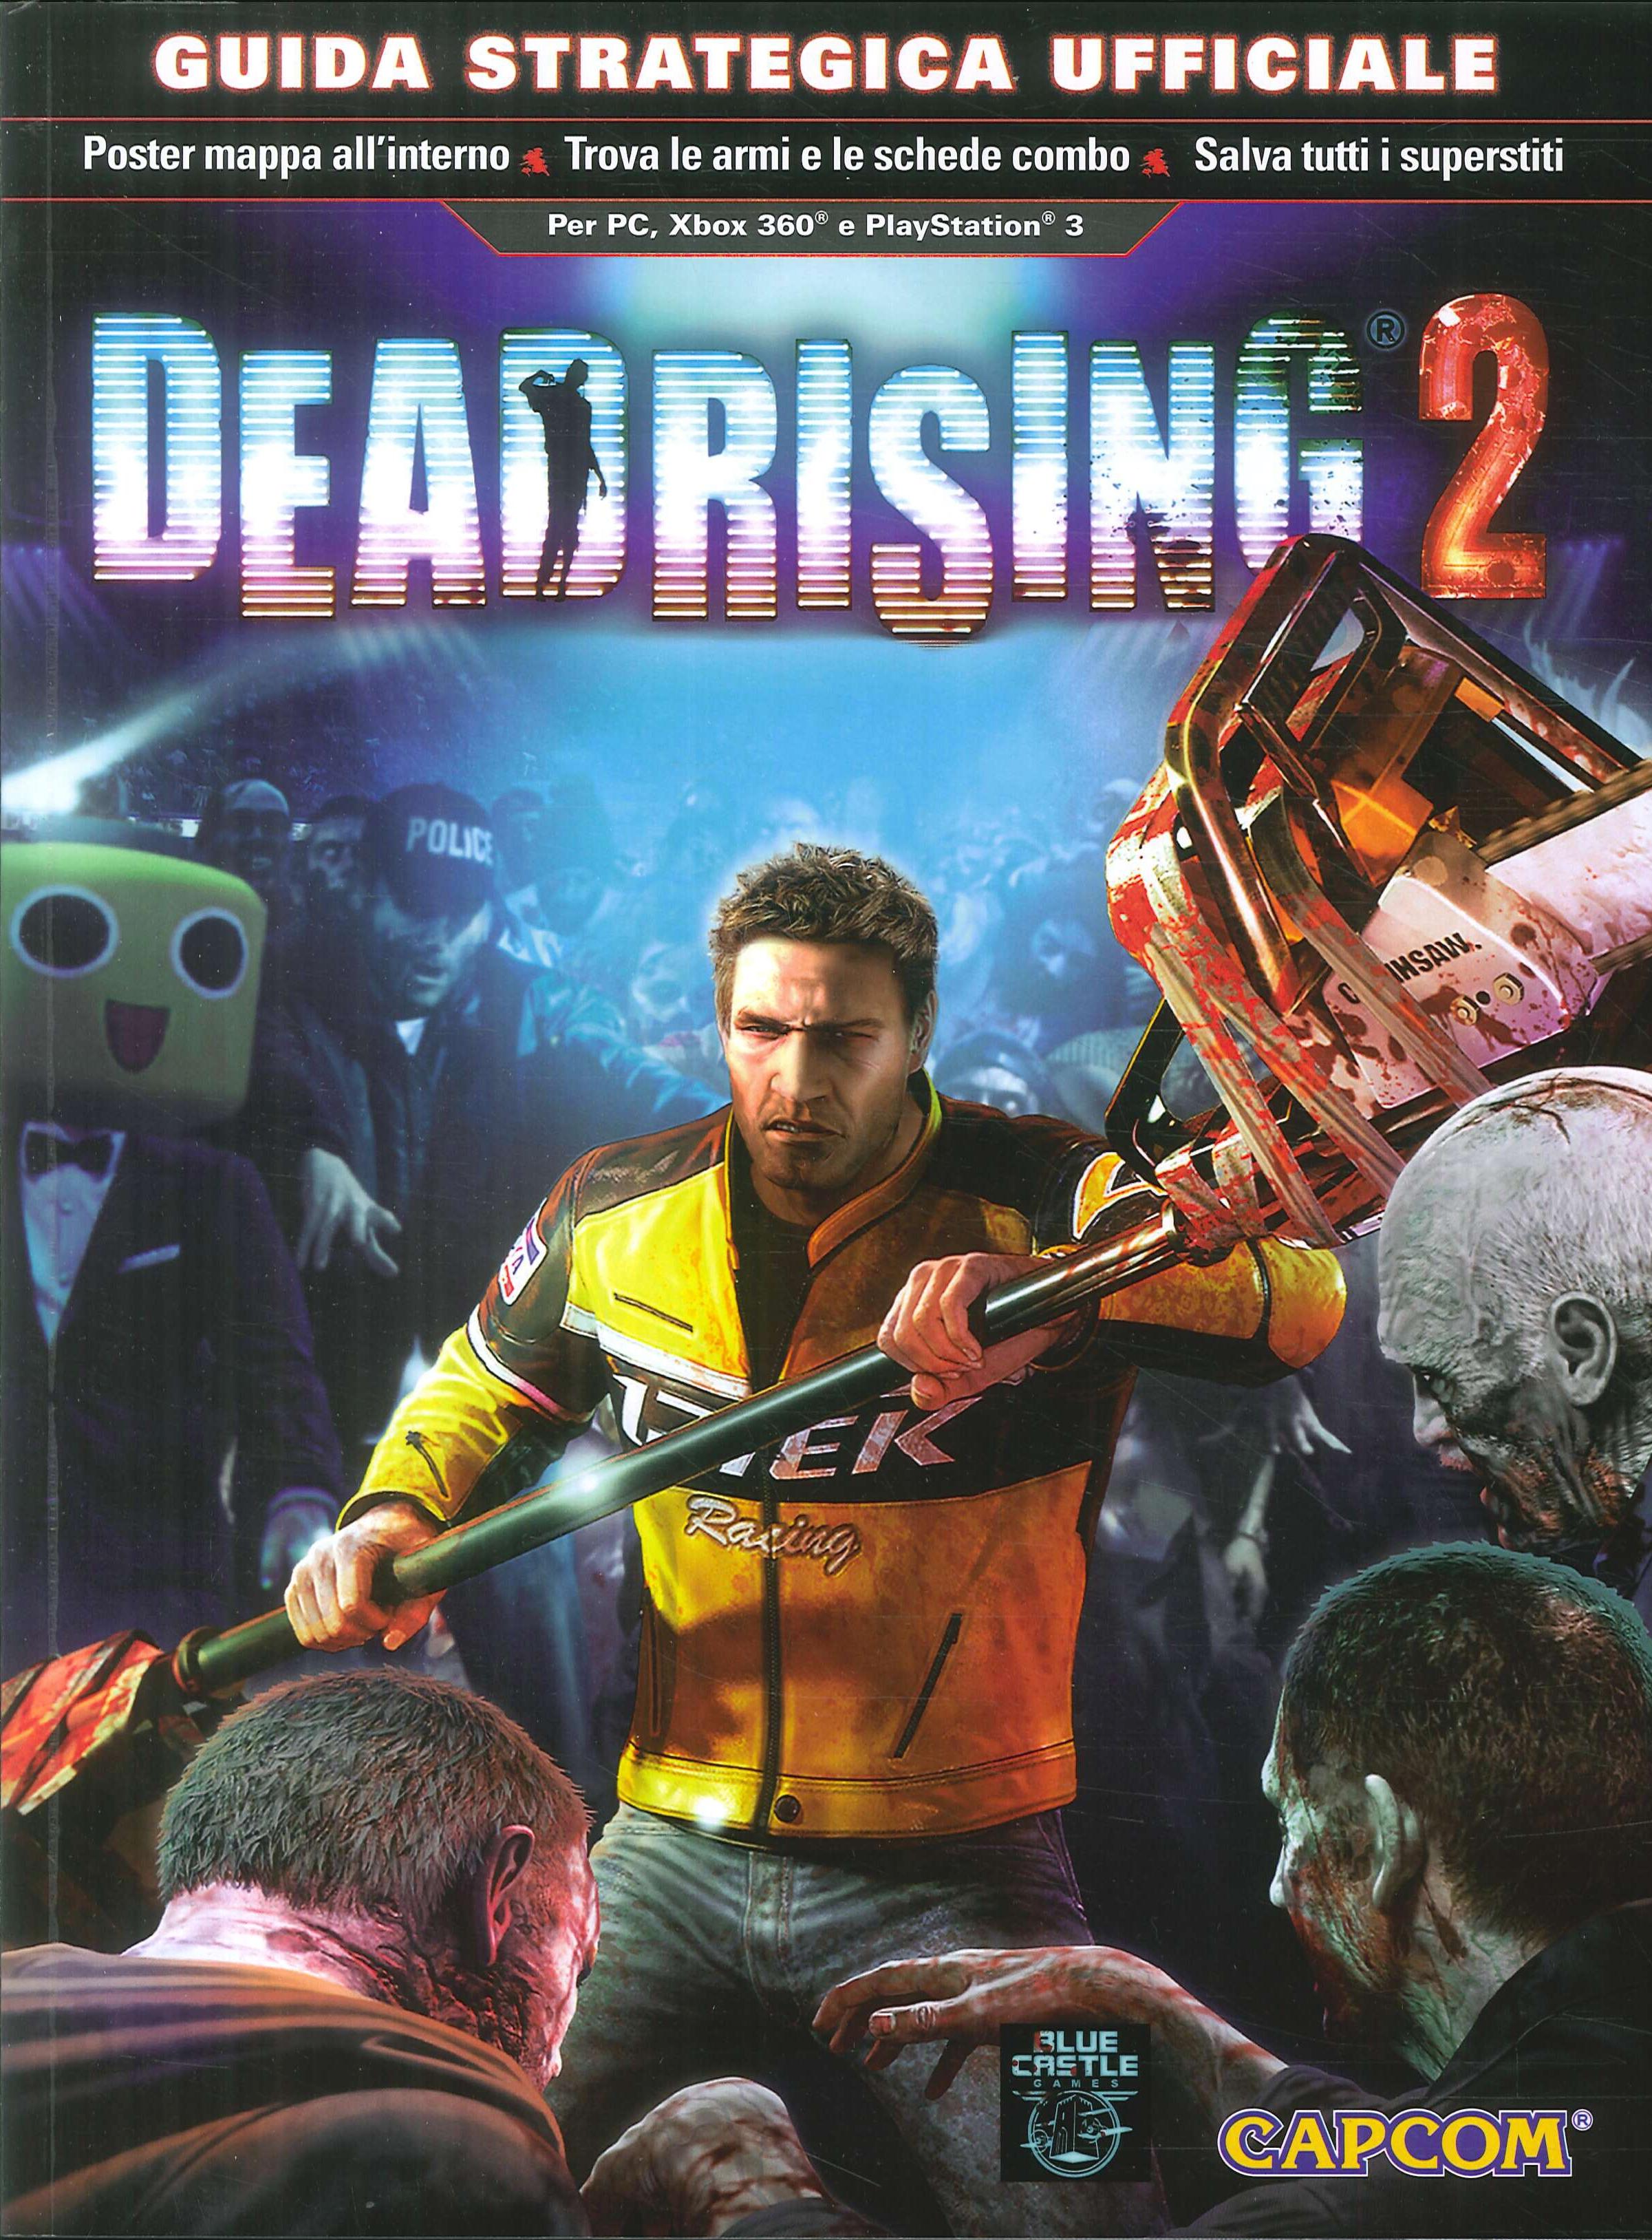 Dead rising 2. Guida strategica ufficiale